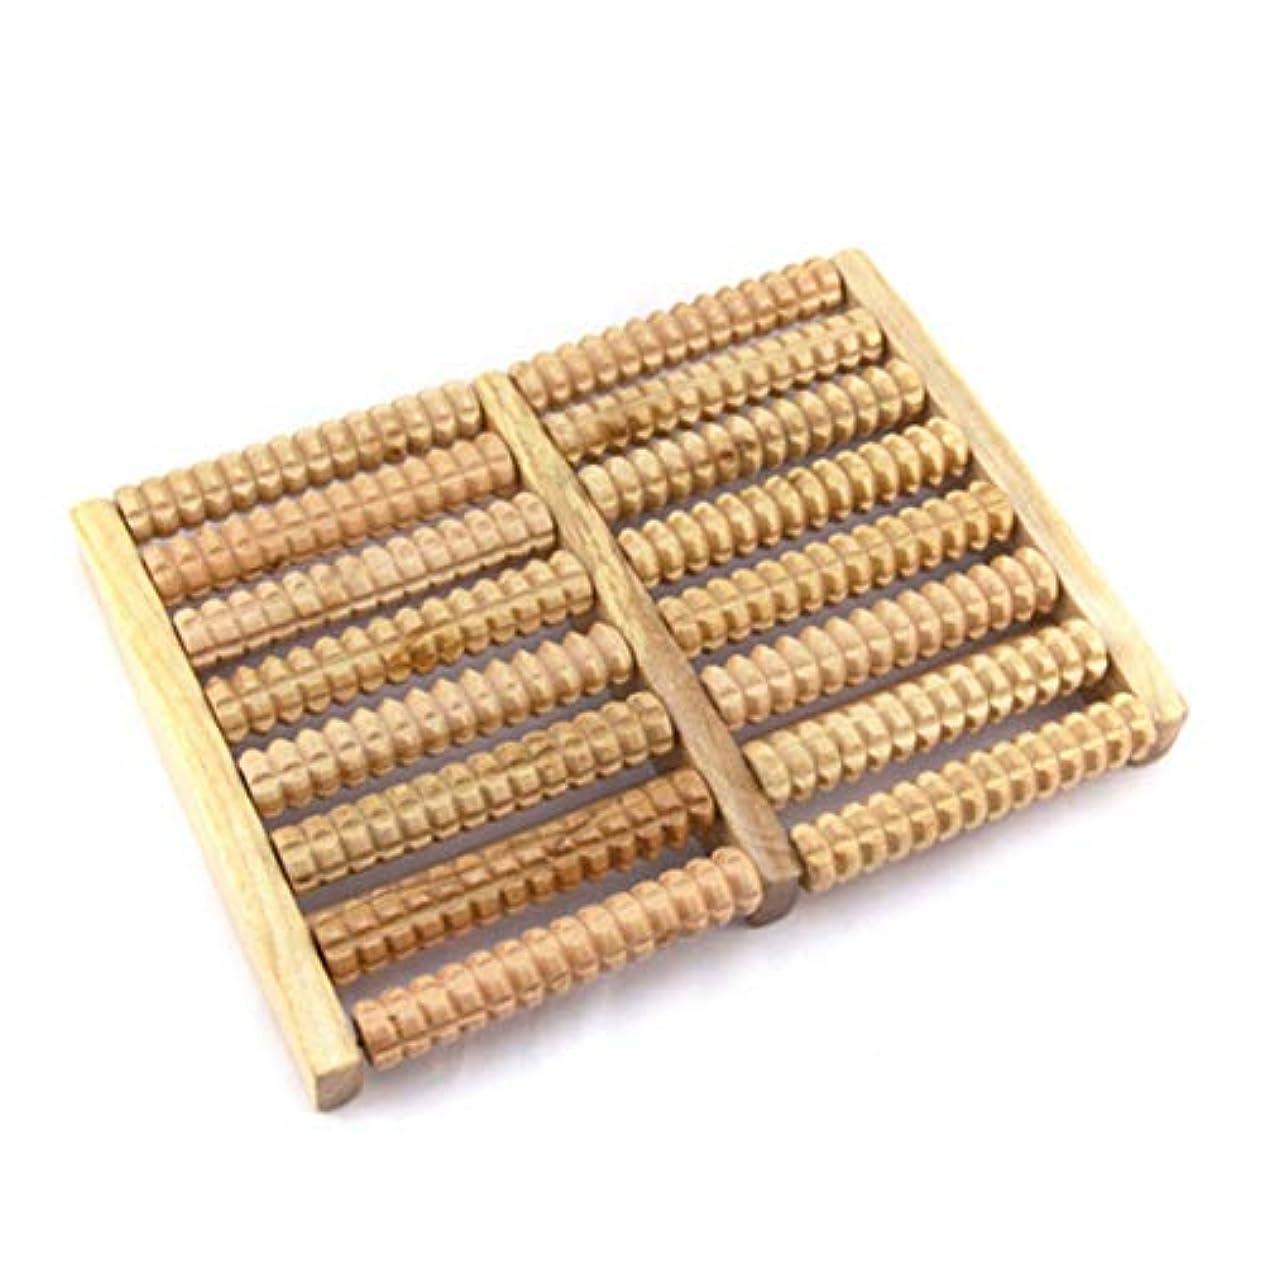 溶けたペスト土器Intercorey木製フットマッサージャー8行フットマッサージャー木製ストレス解消治療リラックスマッサージローラー